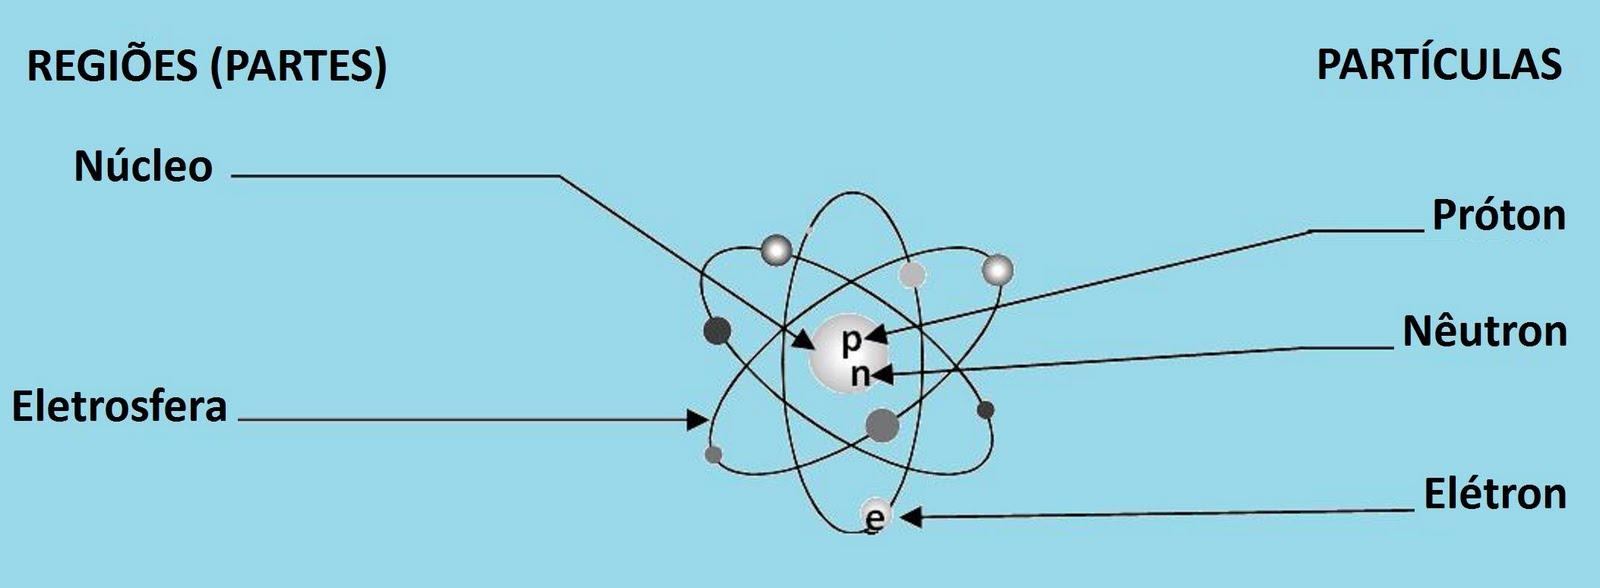 Estrutura Do átomo Quimica Gabriel Pelotas